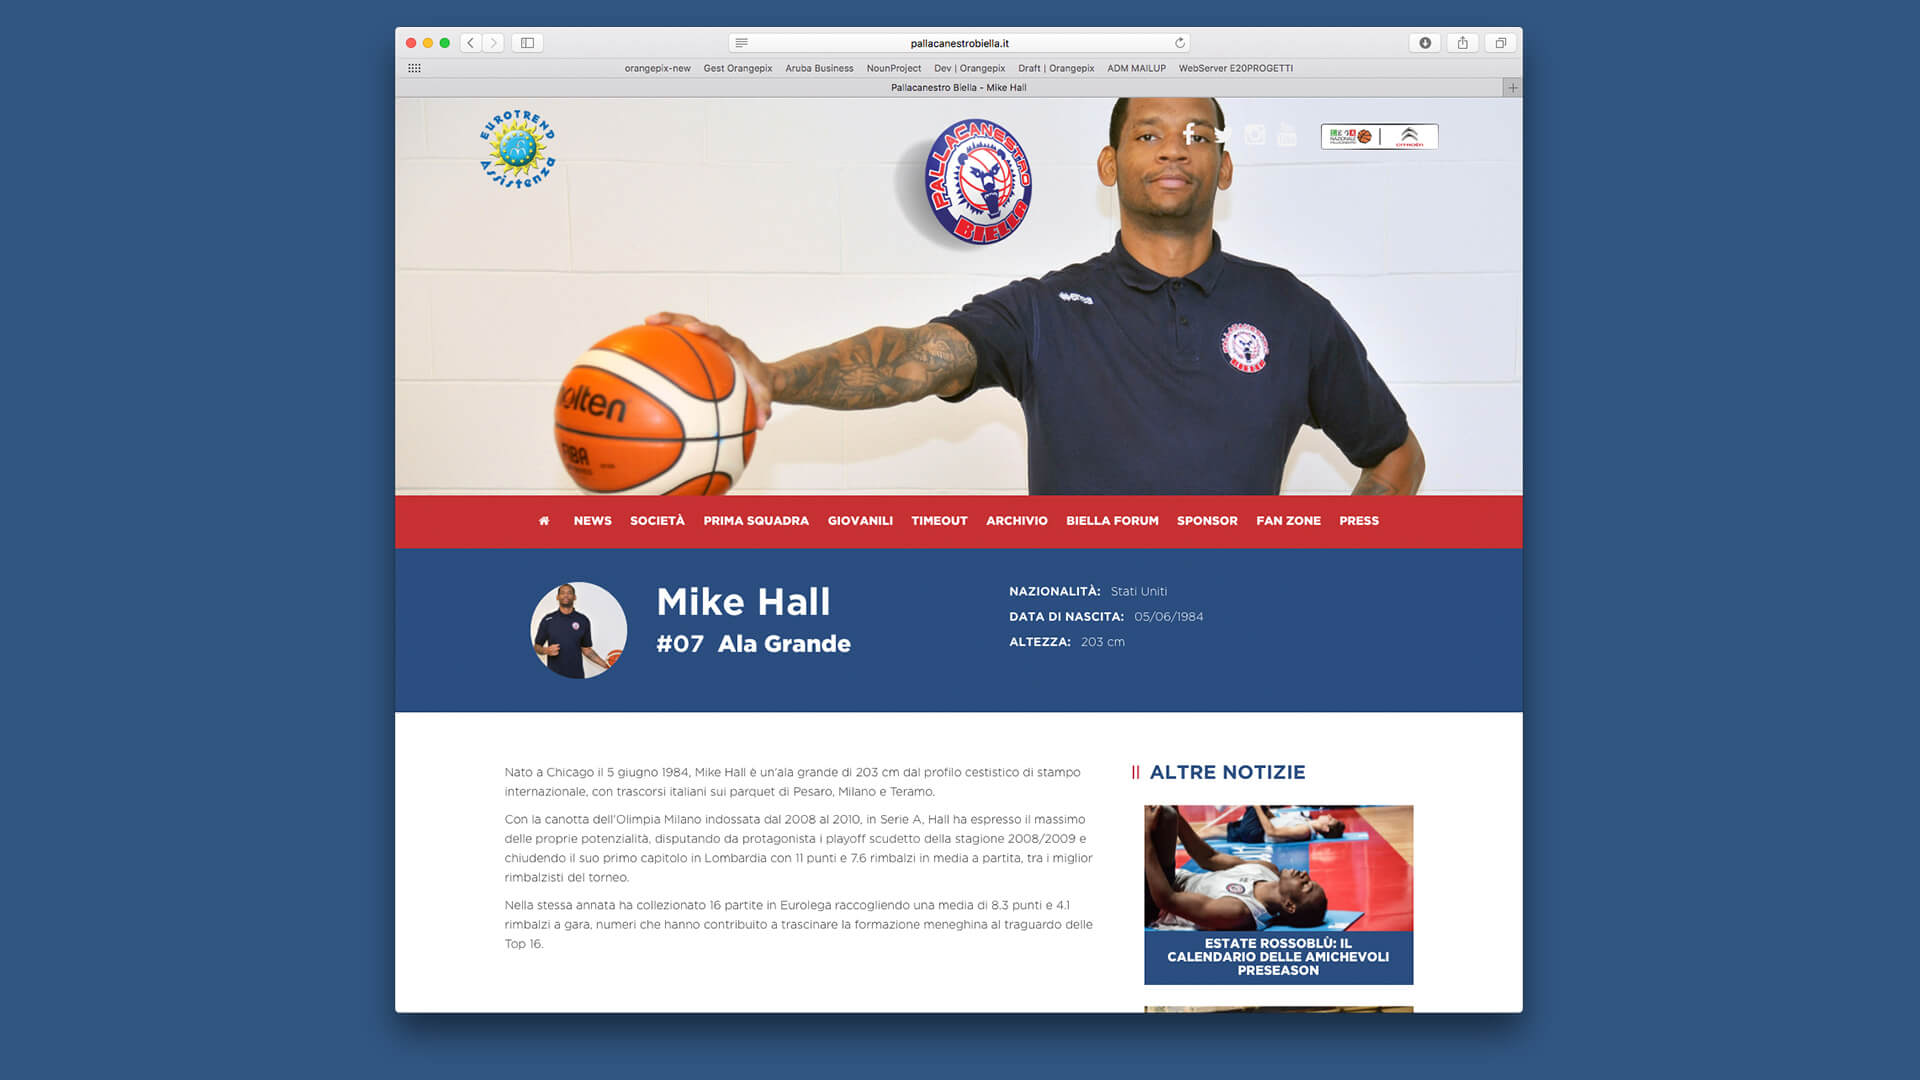 Scheda giocatore pallacanestro